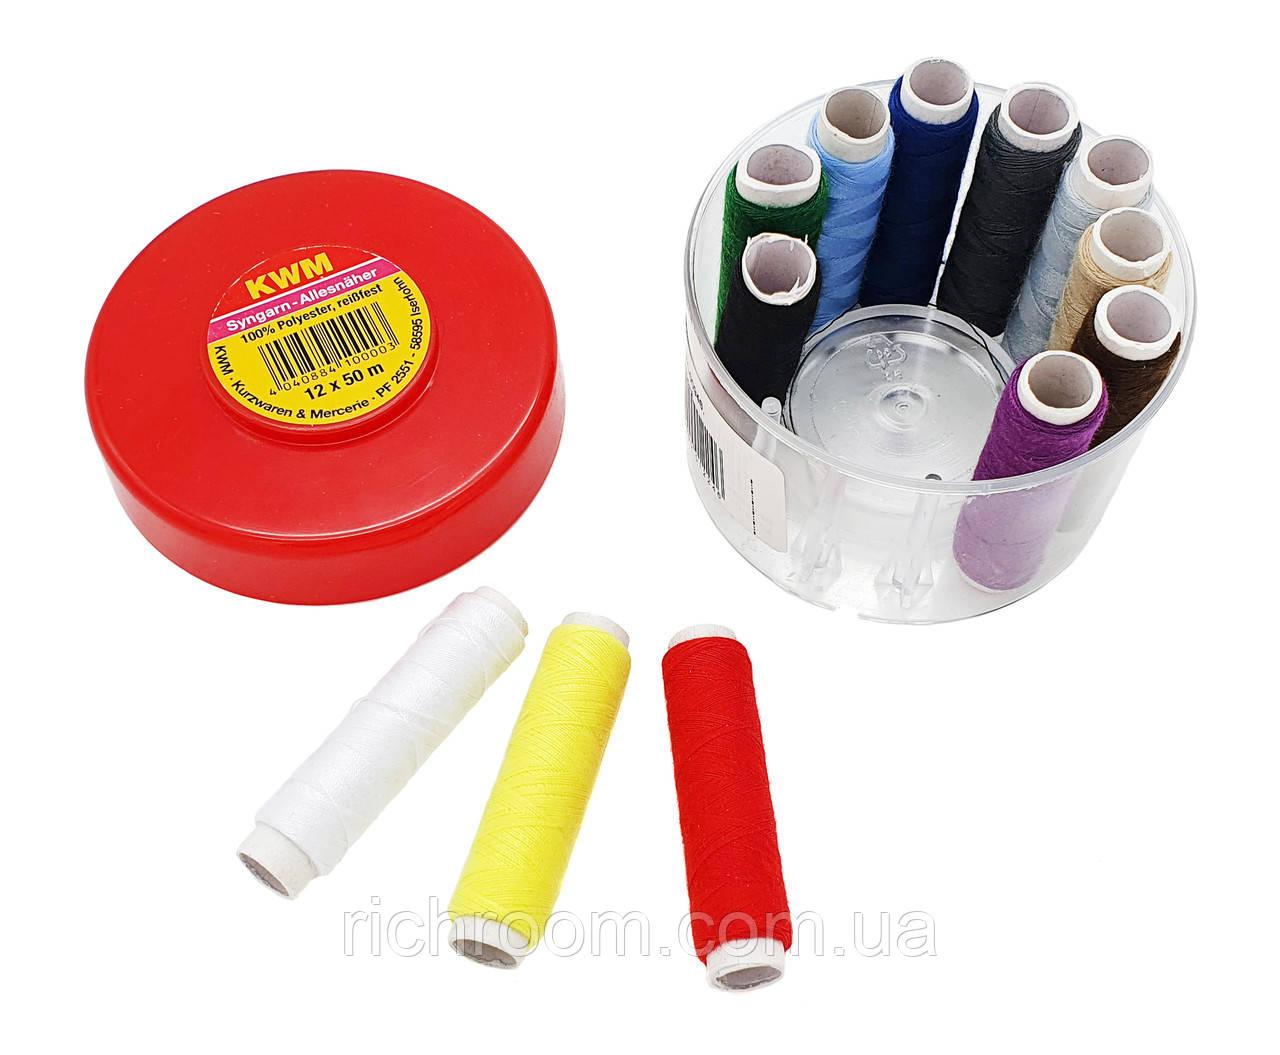 F1-00946, Набор ниток для шитья 12 шт. разных цветов по 50 м в коробке KWM